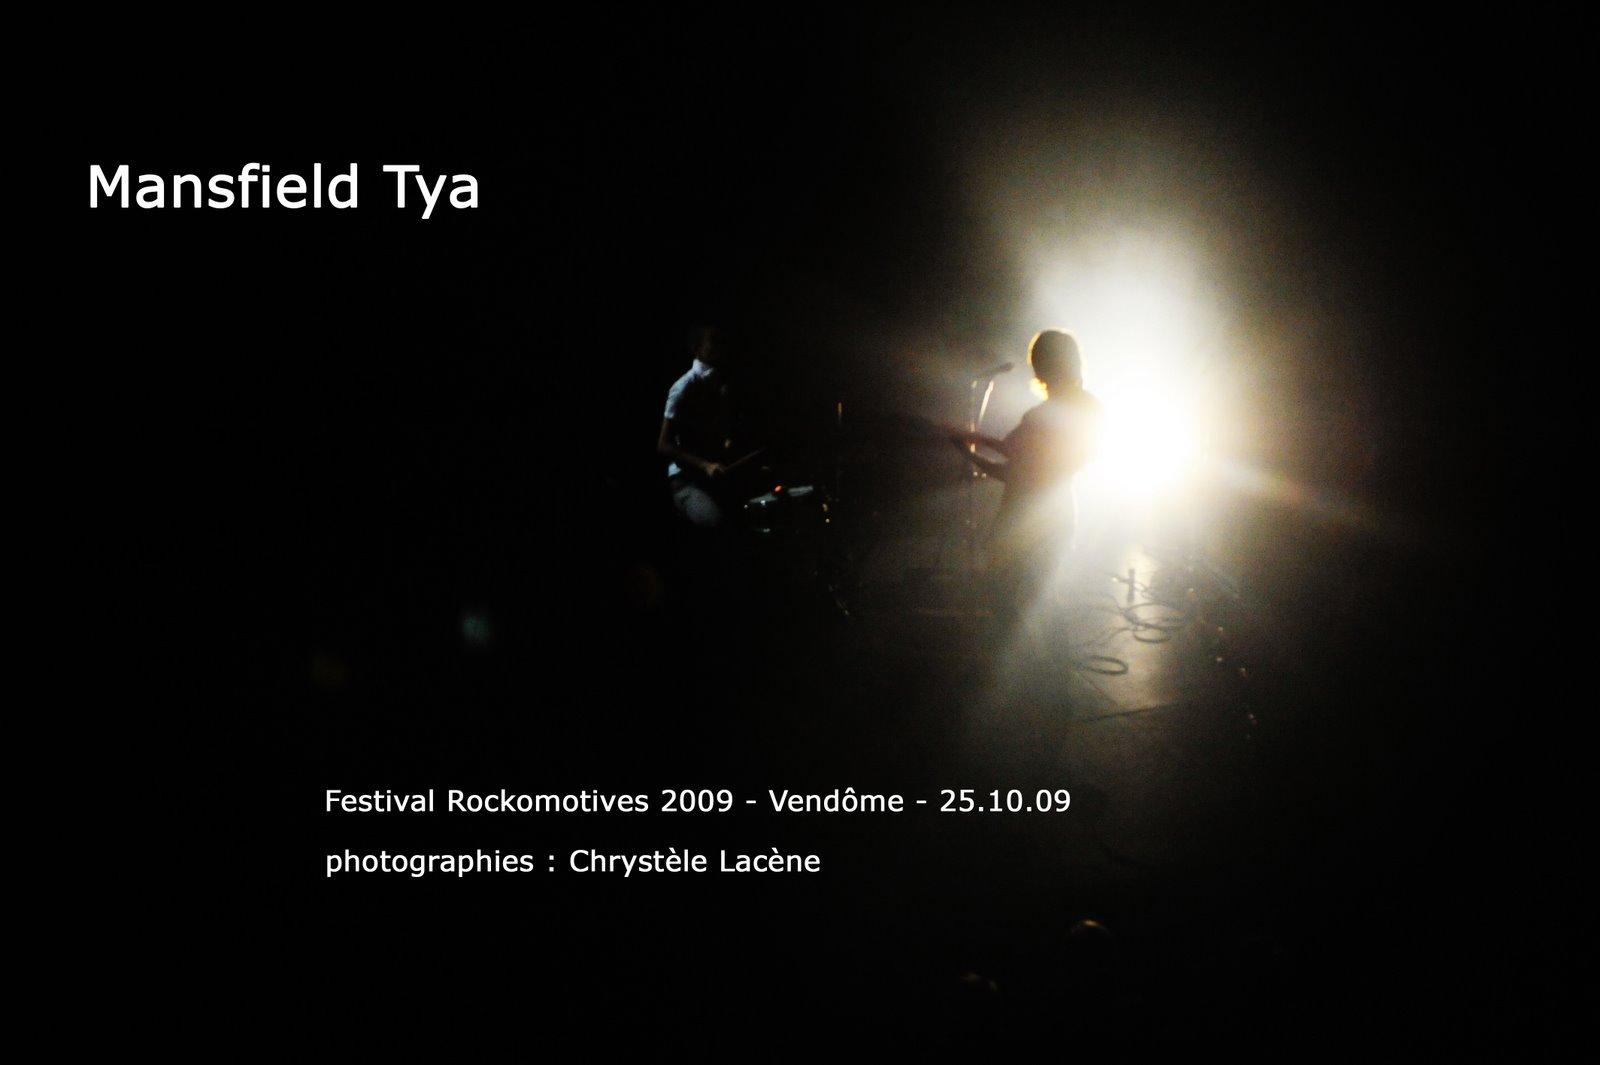 Retour des Rockomotives : Marie-Flore, Mansfield TYA, et du soleil